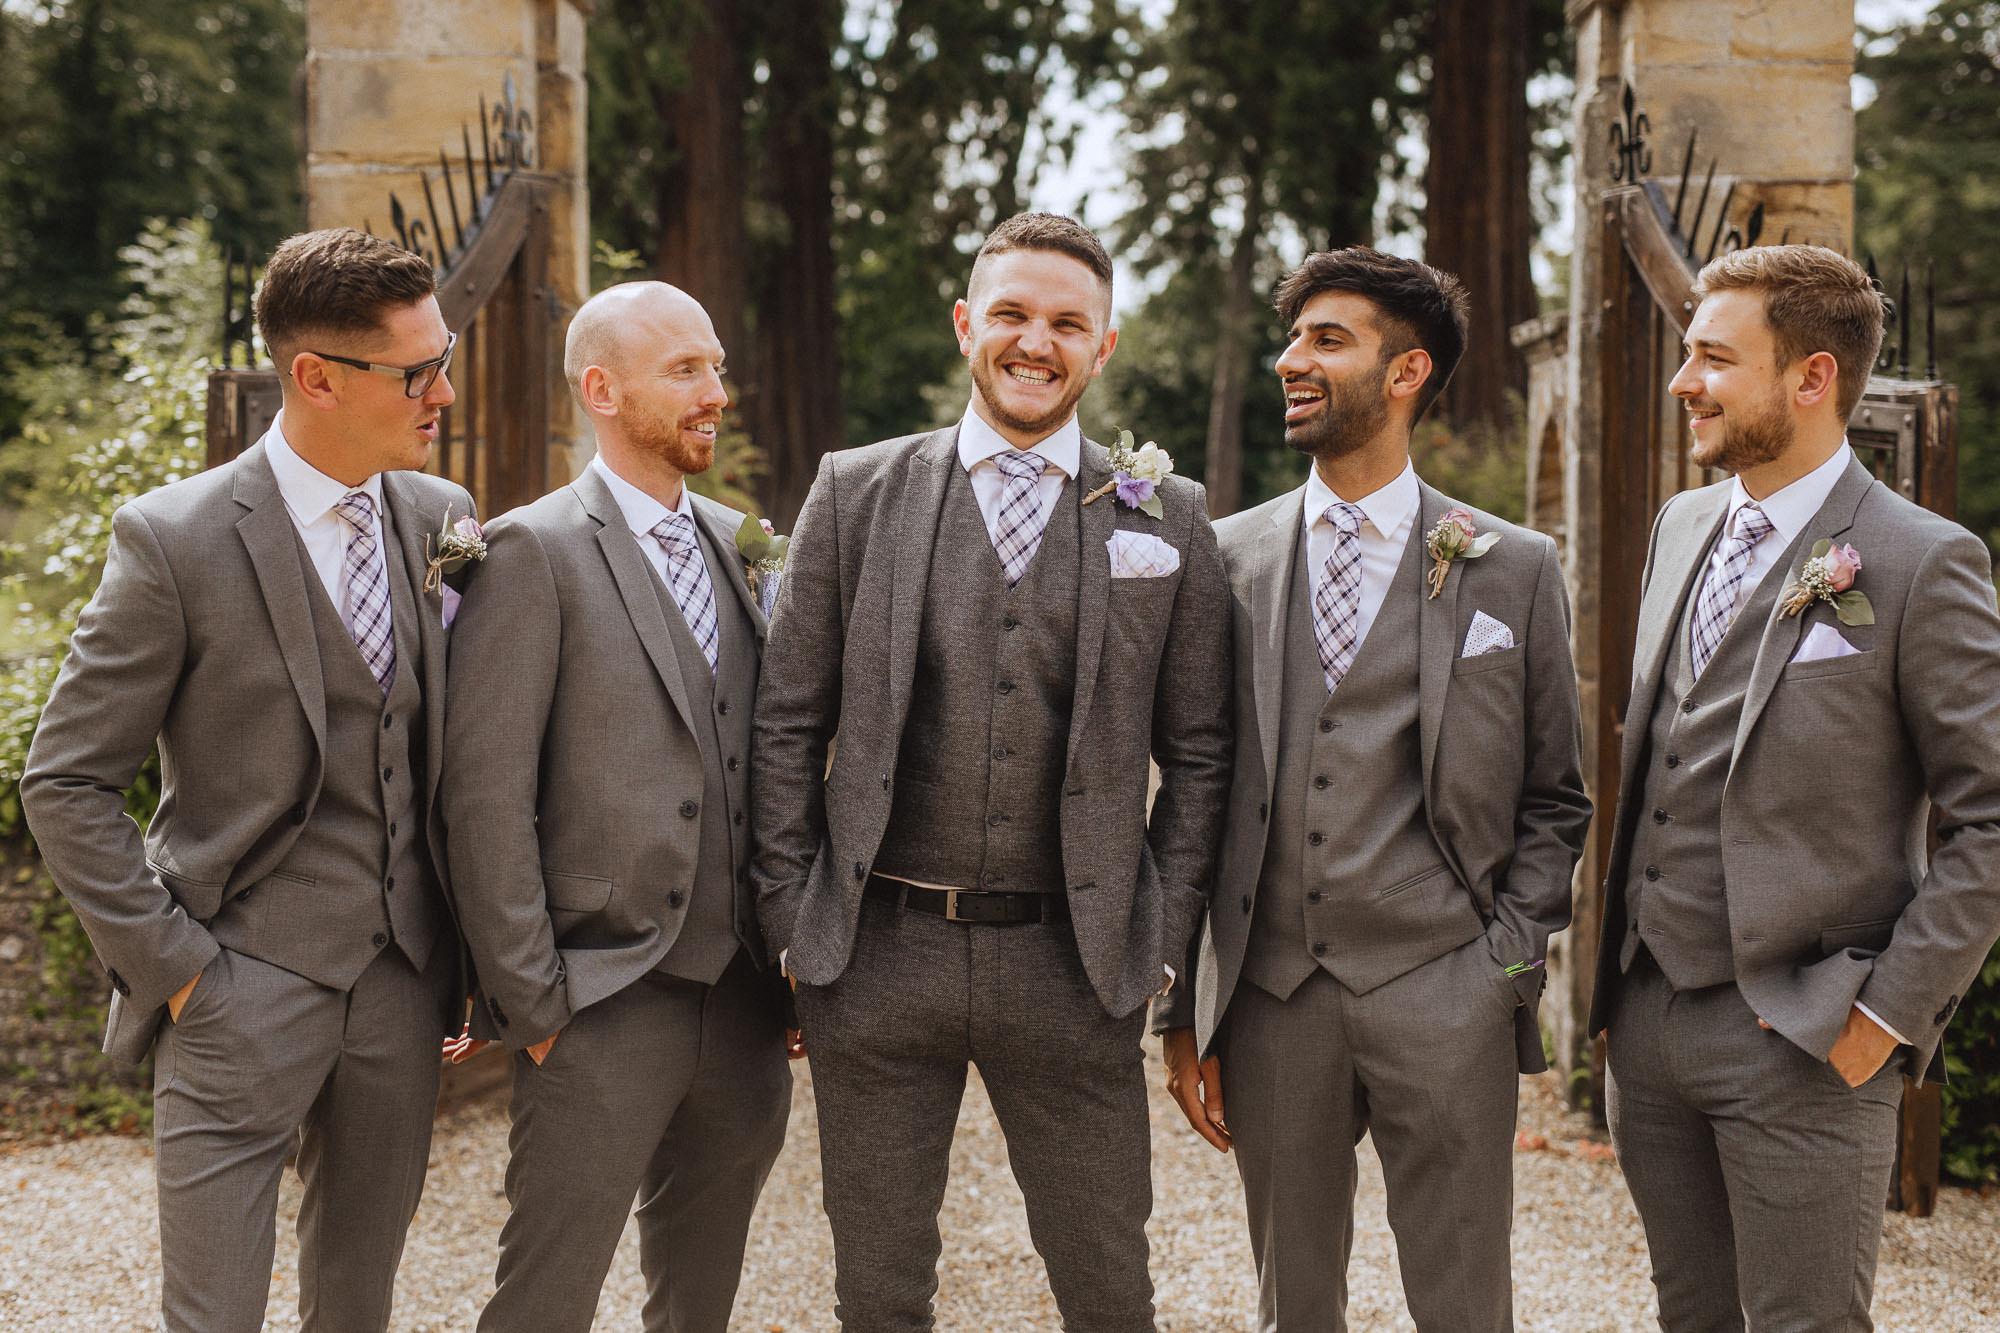 Groombridge-place-wedding-photography-52.jpg